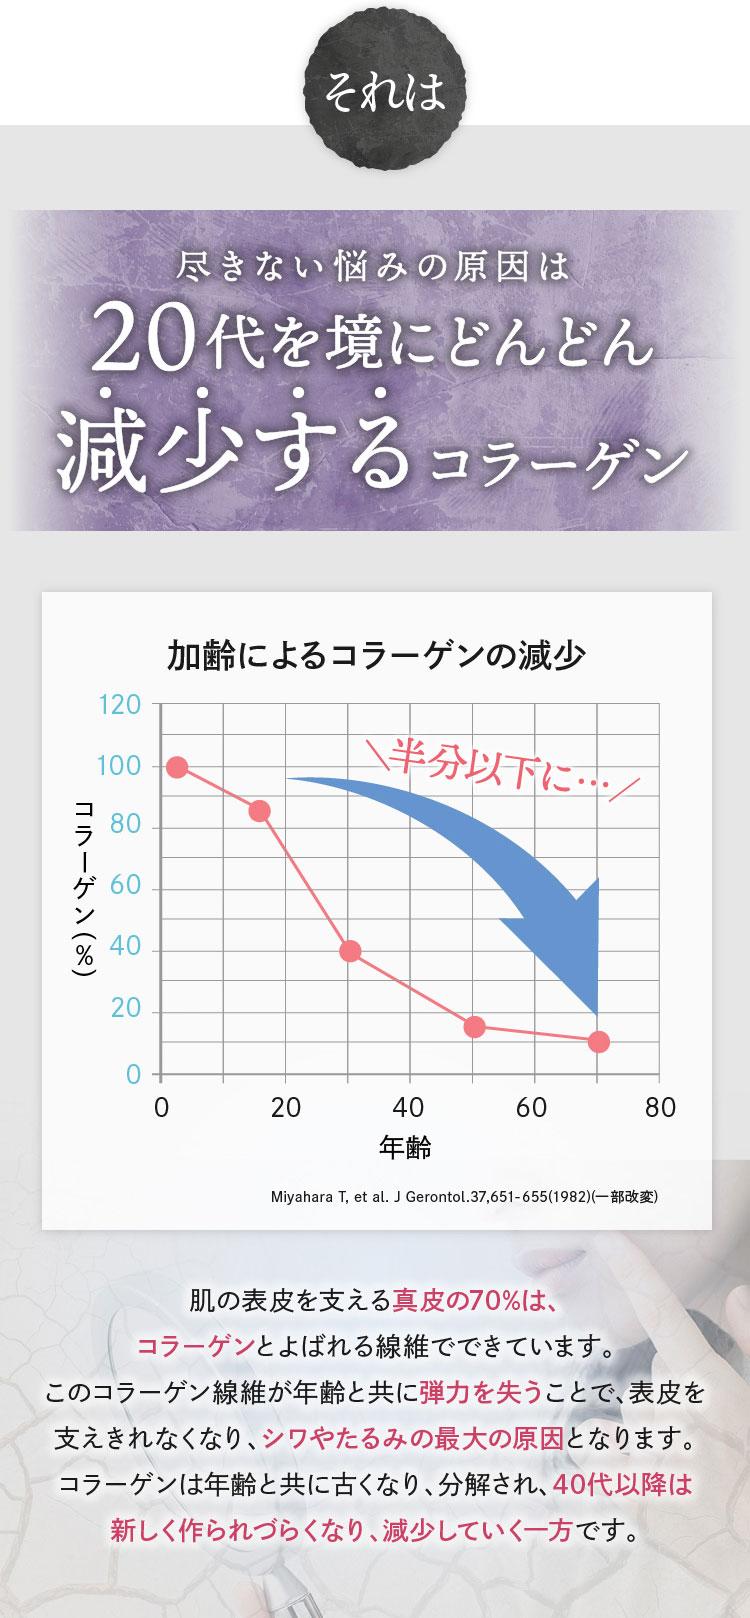 20代を境にどんどん減少するコラーゲン 40代では半分以下に